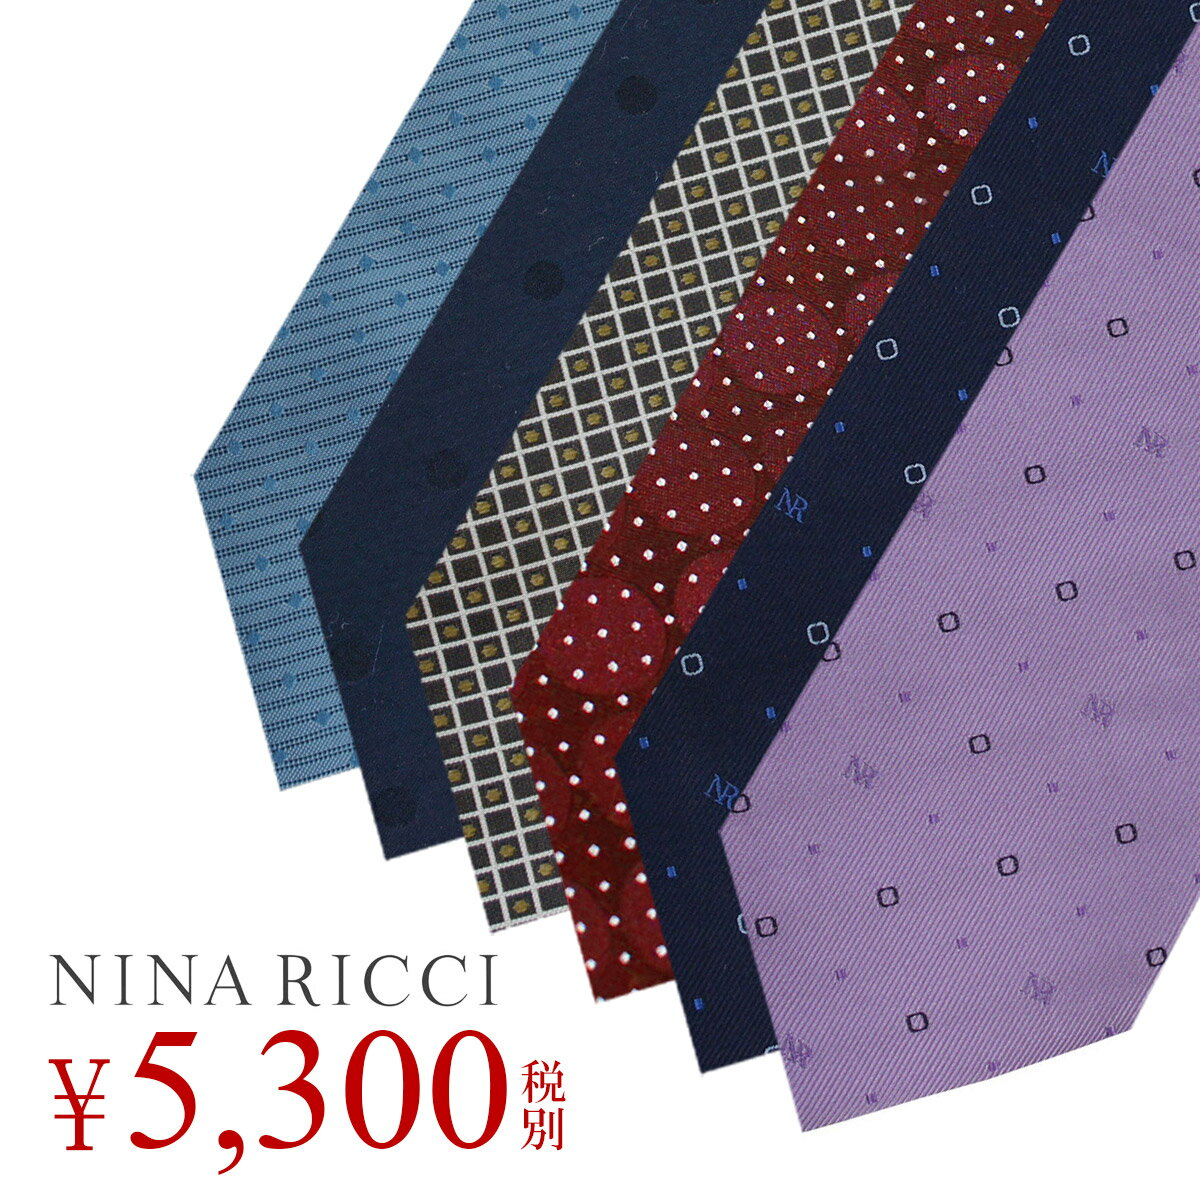 ニナリッチ ネクタイ n-sale-ninaricci NINARICCI[bef][即日発送]